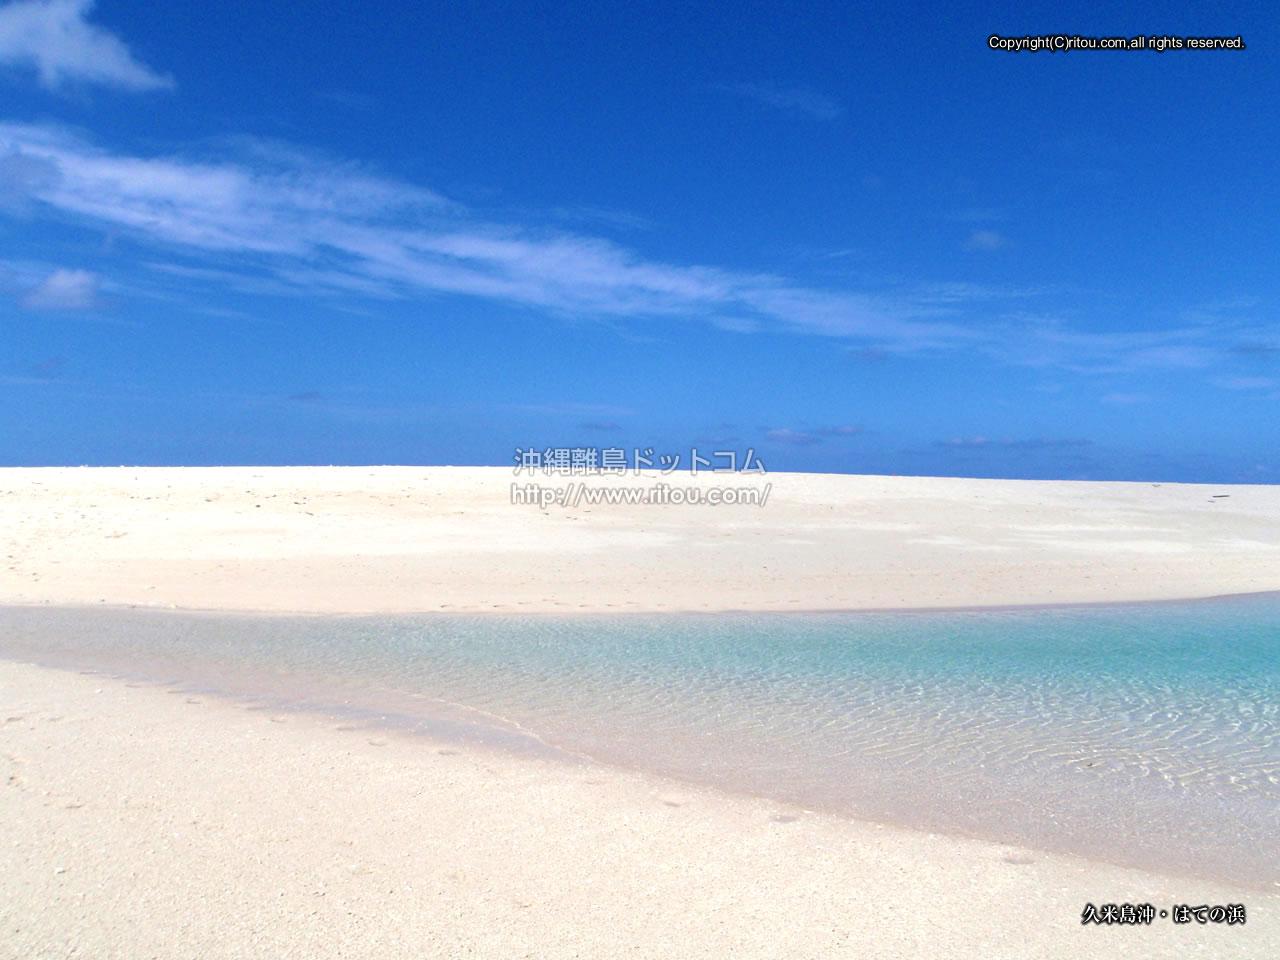 久米島沖・はての浜〜砂浜と海